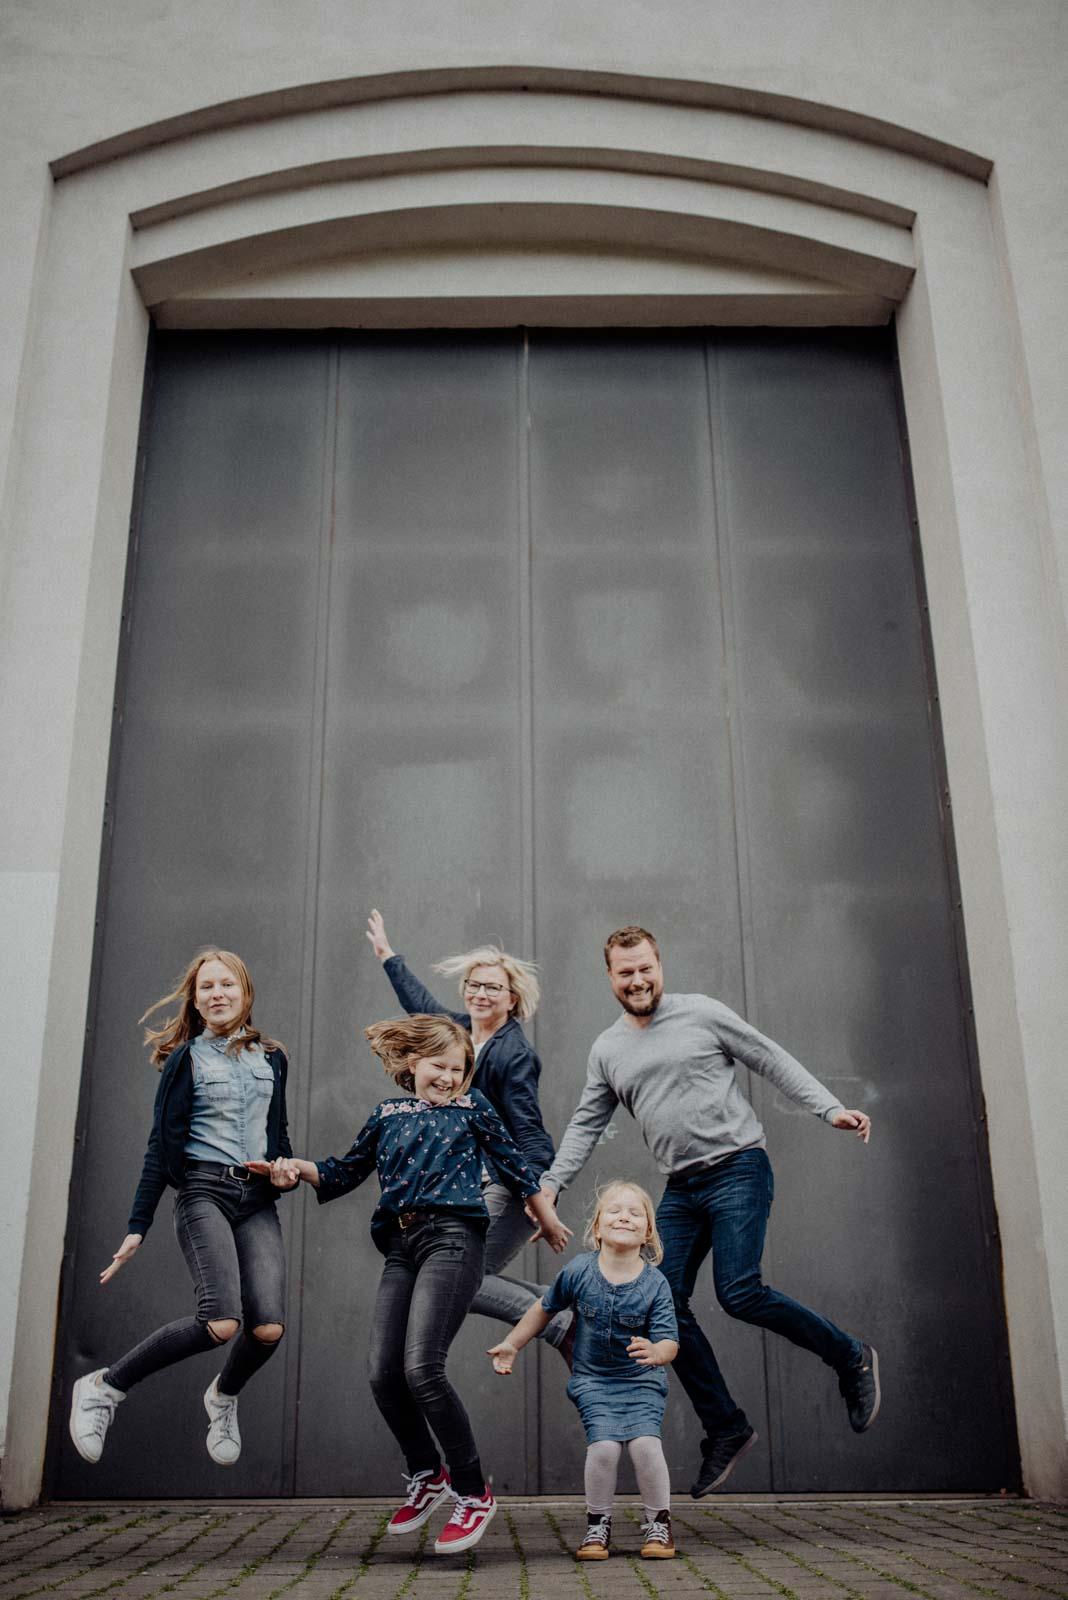 021-ungestellte-familienfotos-familienshooting-bochum-industrie-jahrhunderthalle